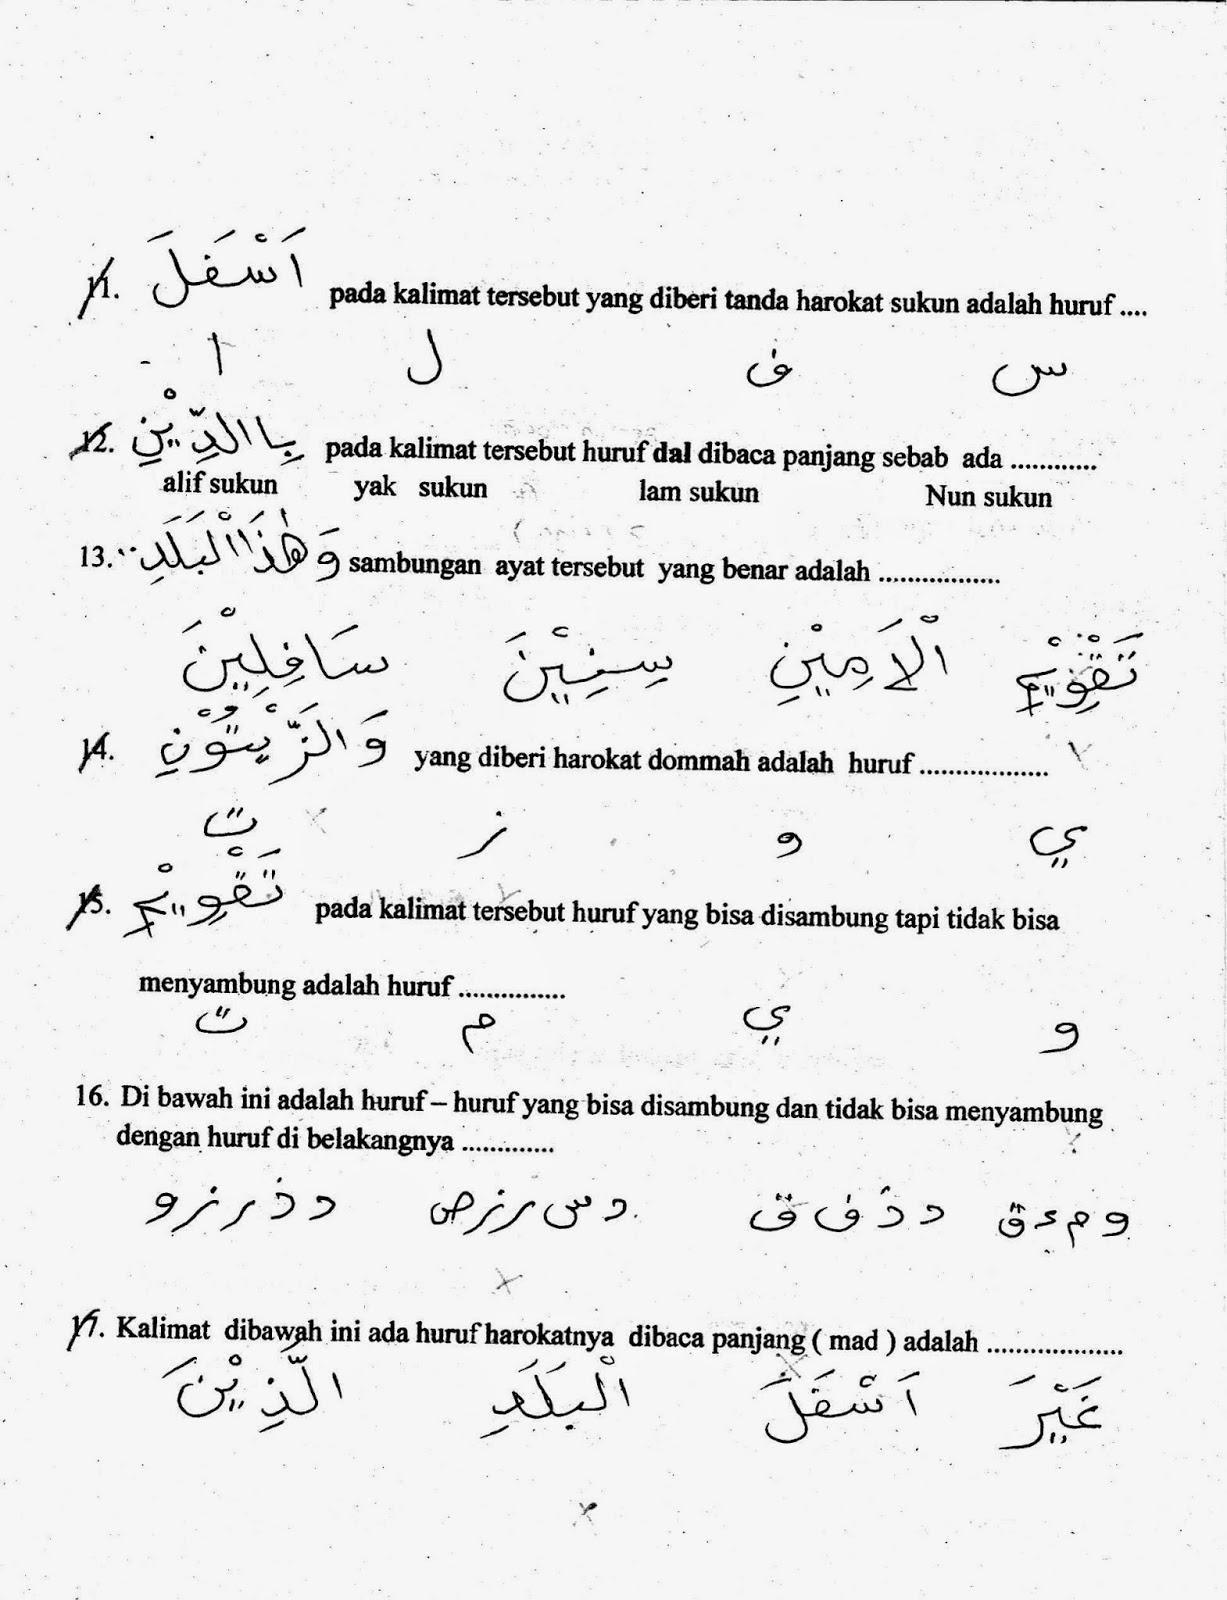 Uts Ke 1 Agama Islam Kelas 5 Sd Ta 2014 2015 Kurikulum 2015 Halaman 2 Sunarto S Kom